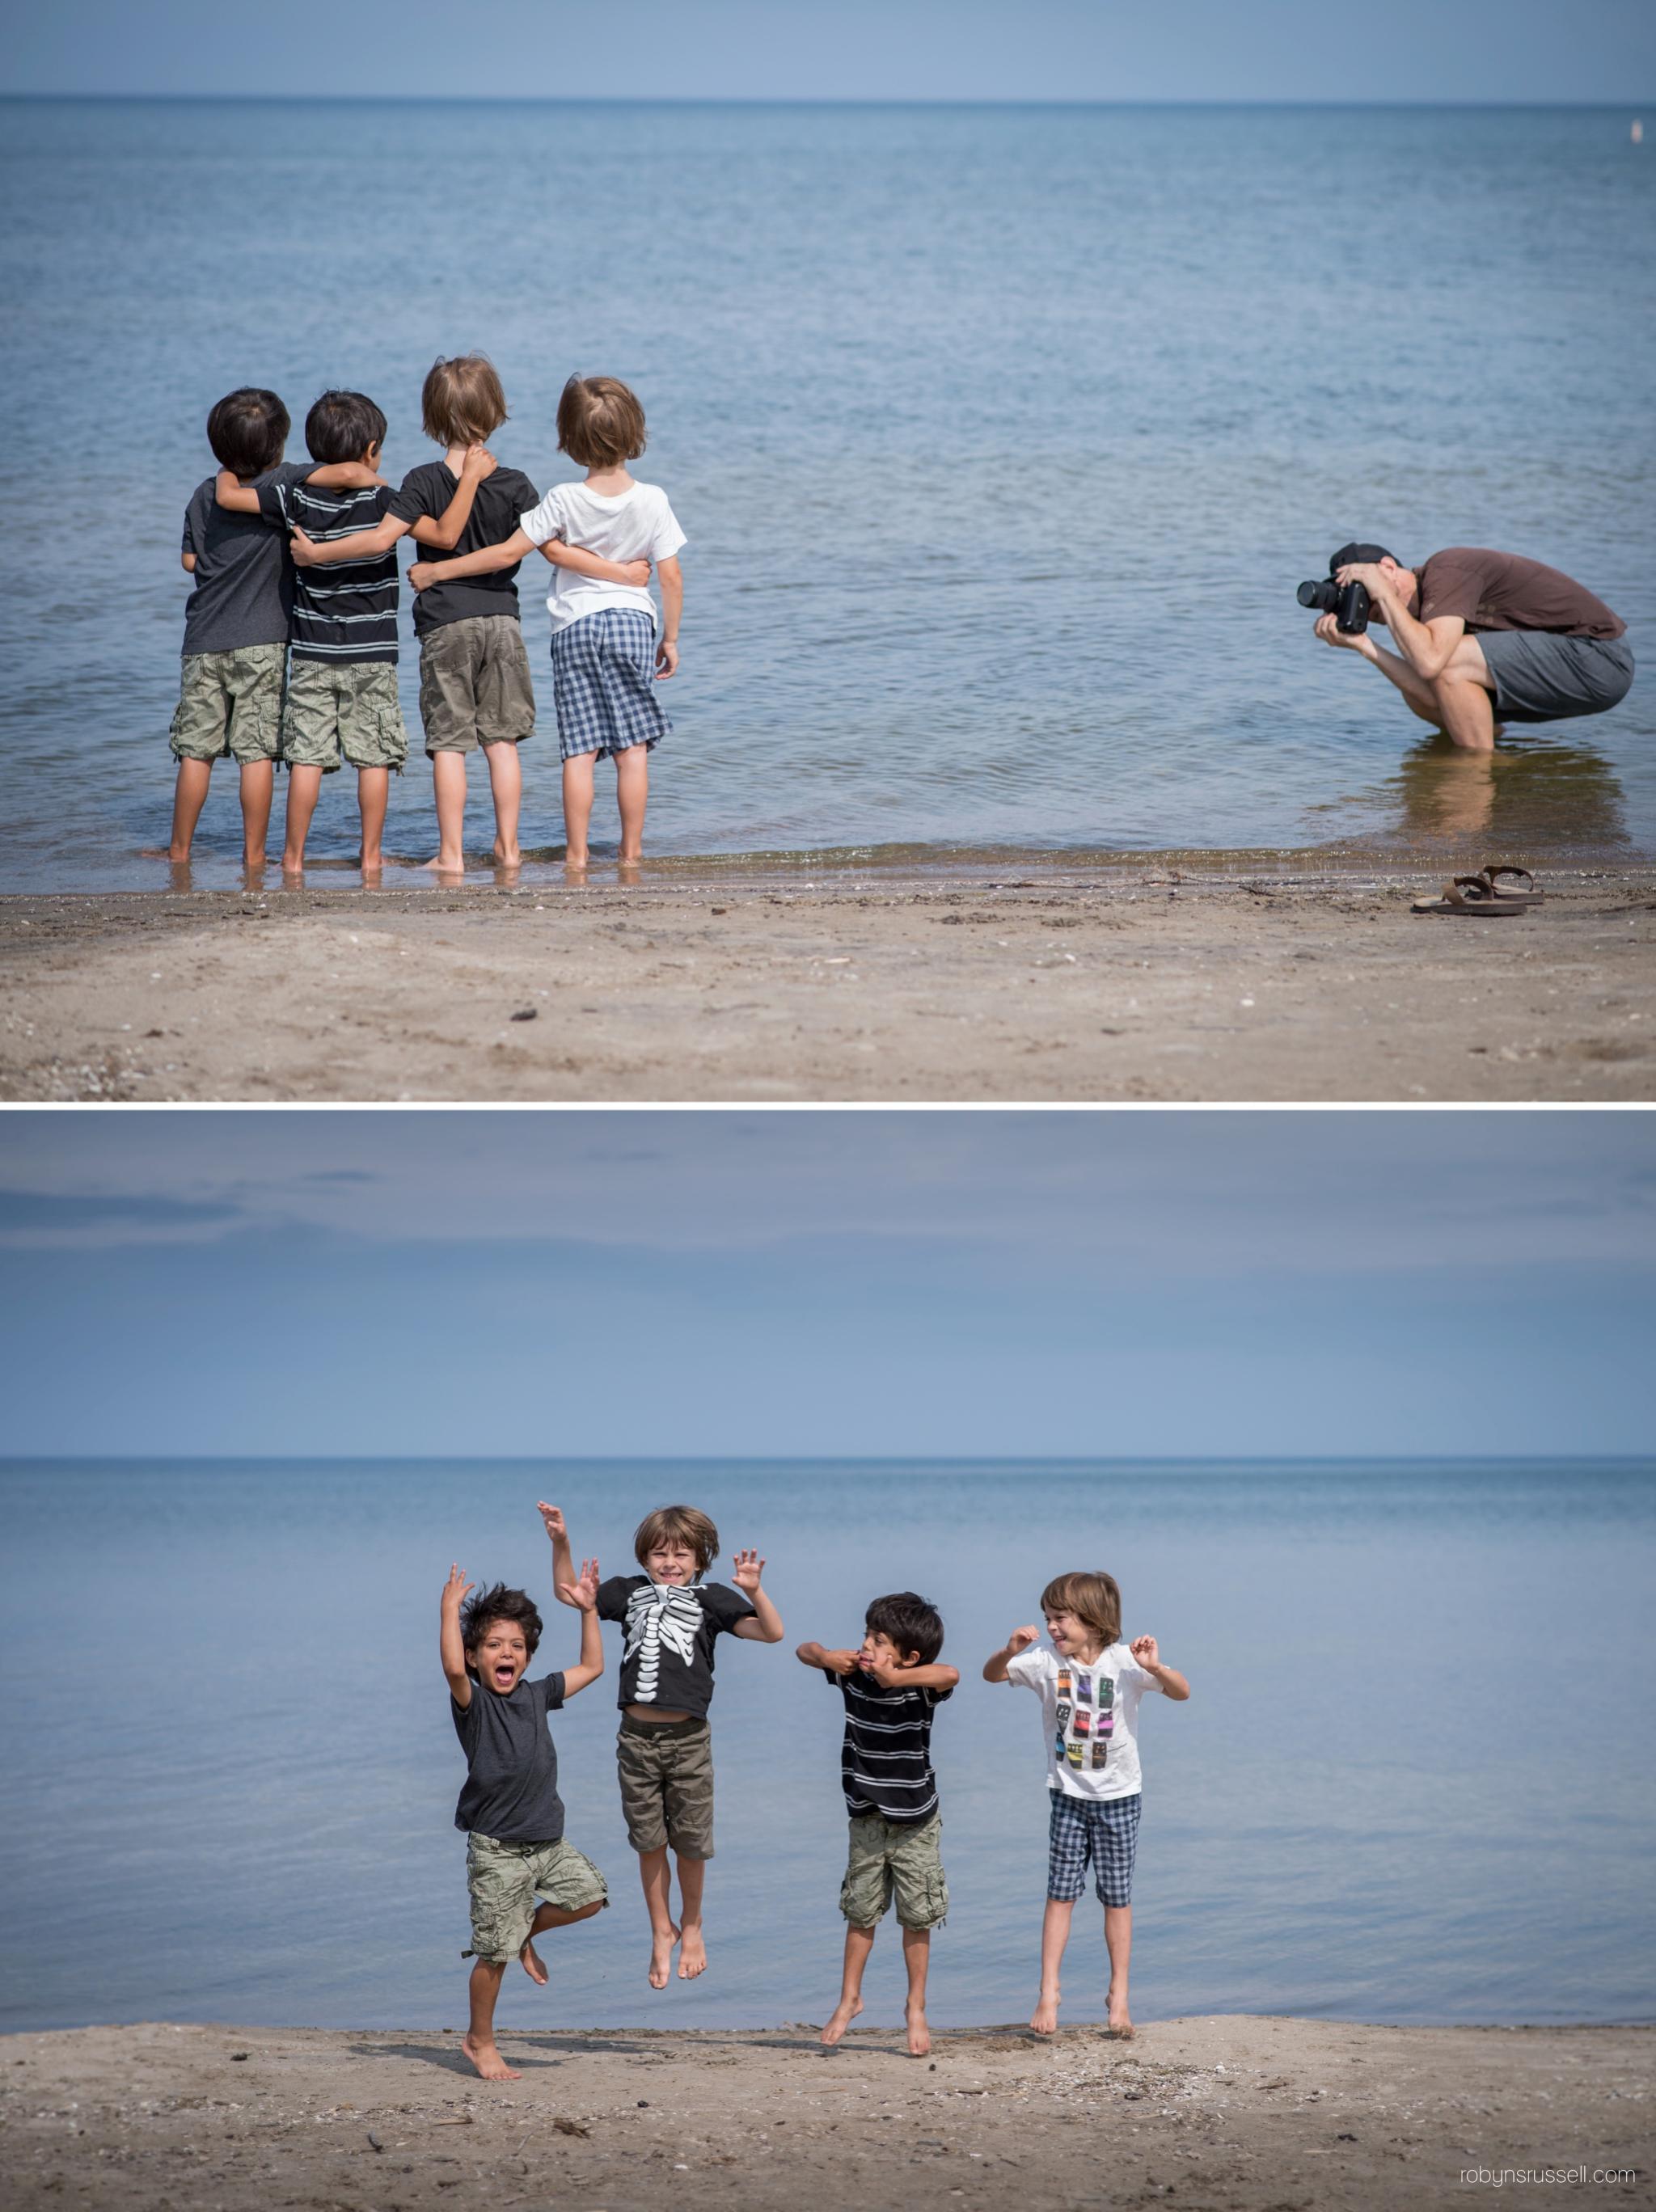 23-collingwood-photographers-beach-boys.jpg